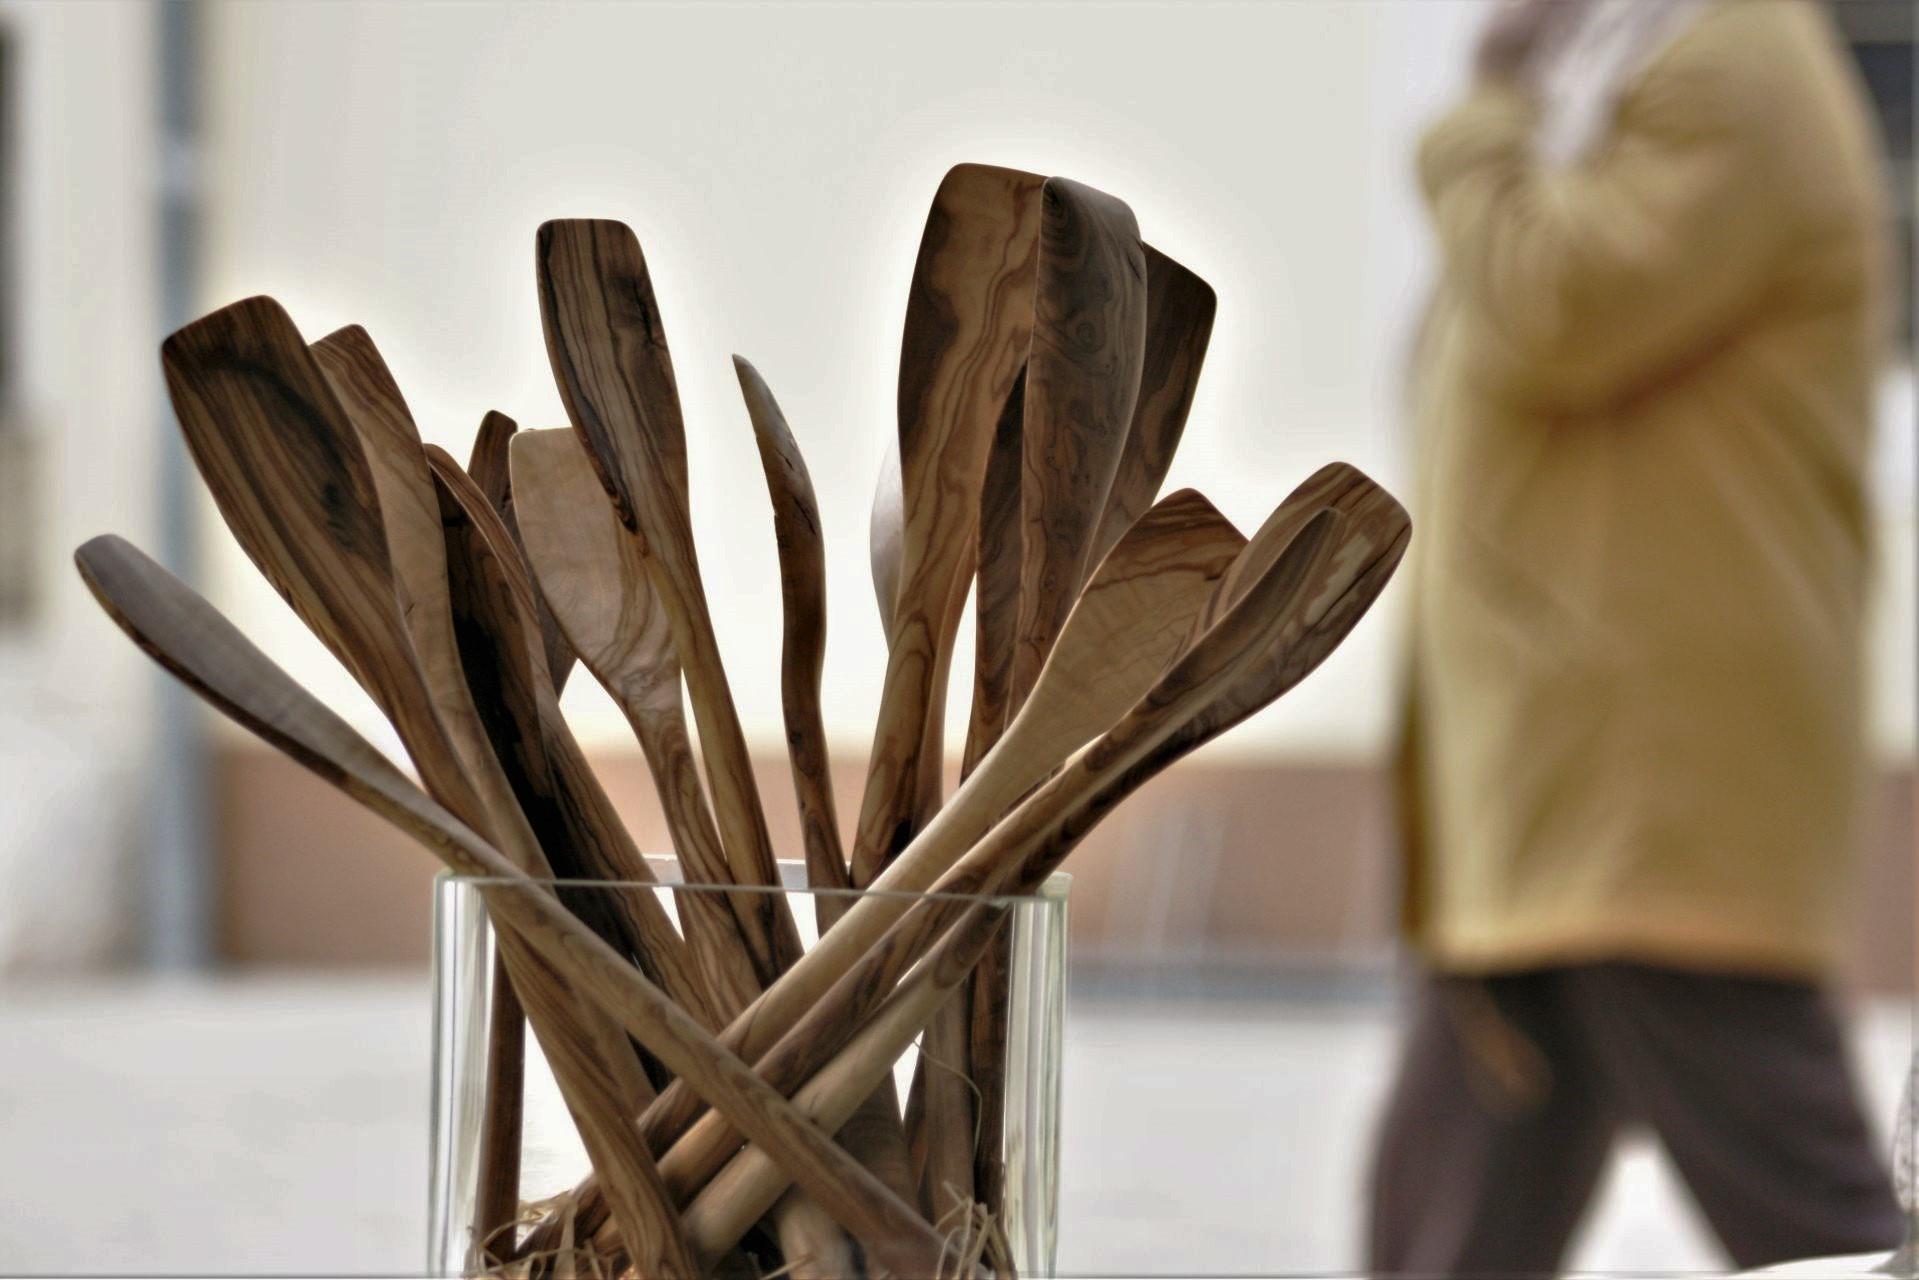 wooden kitchen accessories made from favorite mediterranean wood